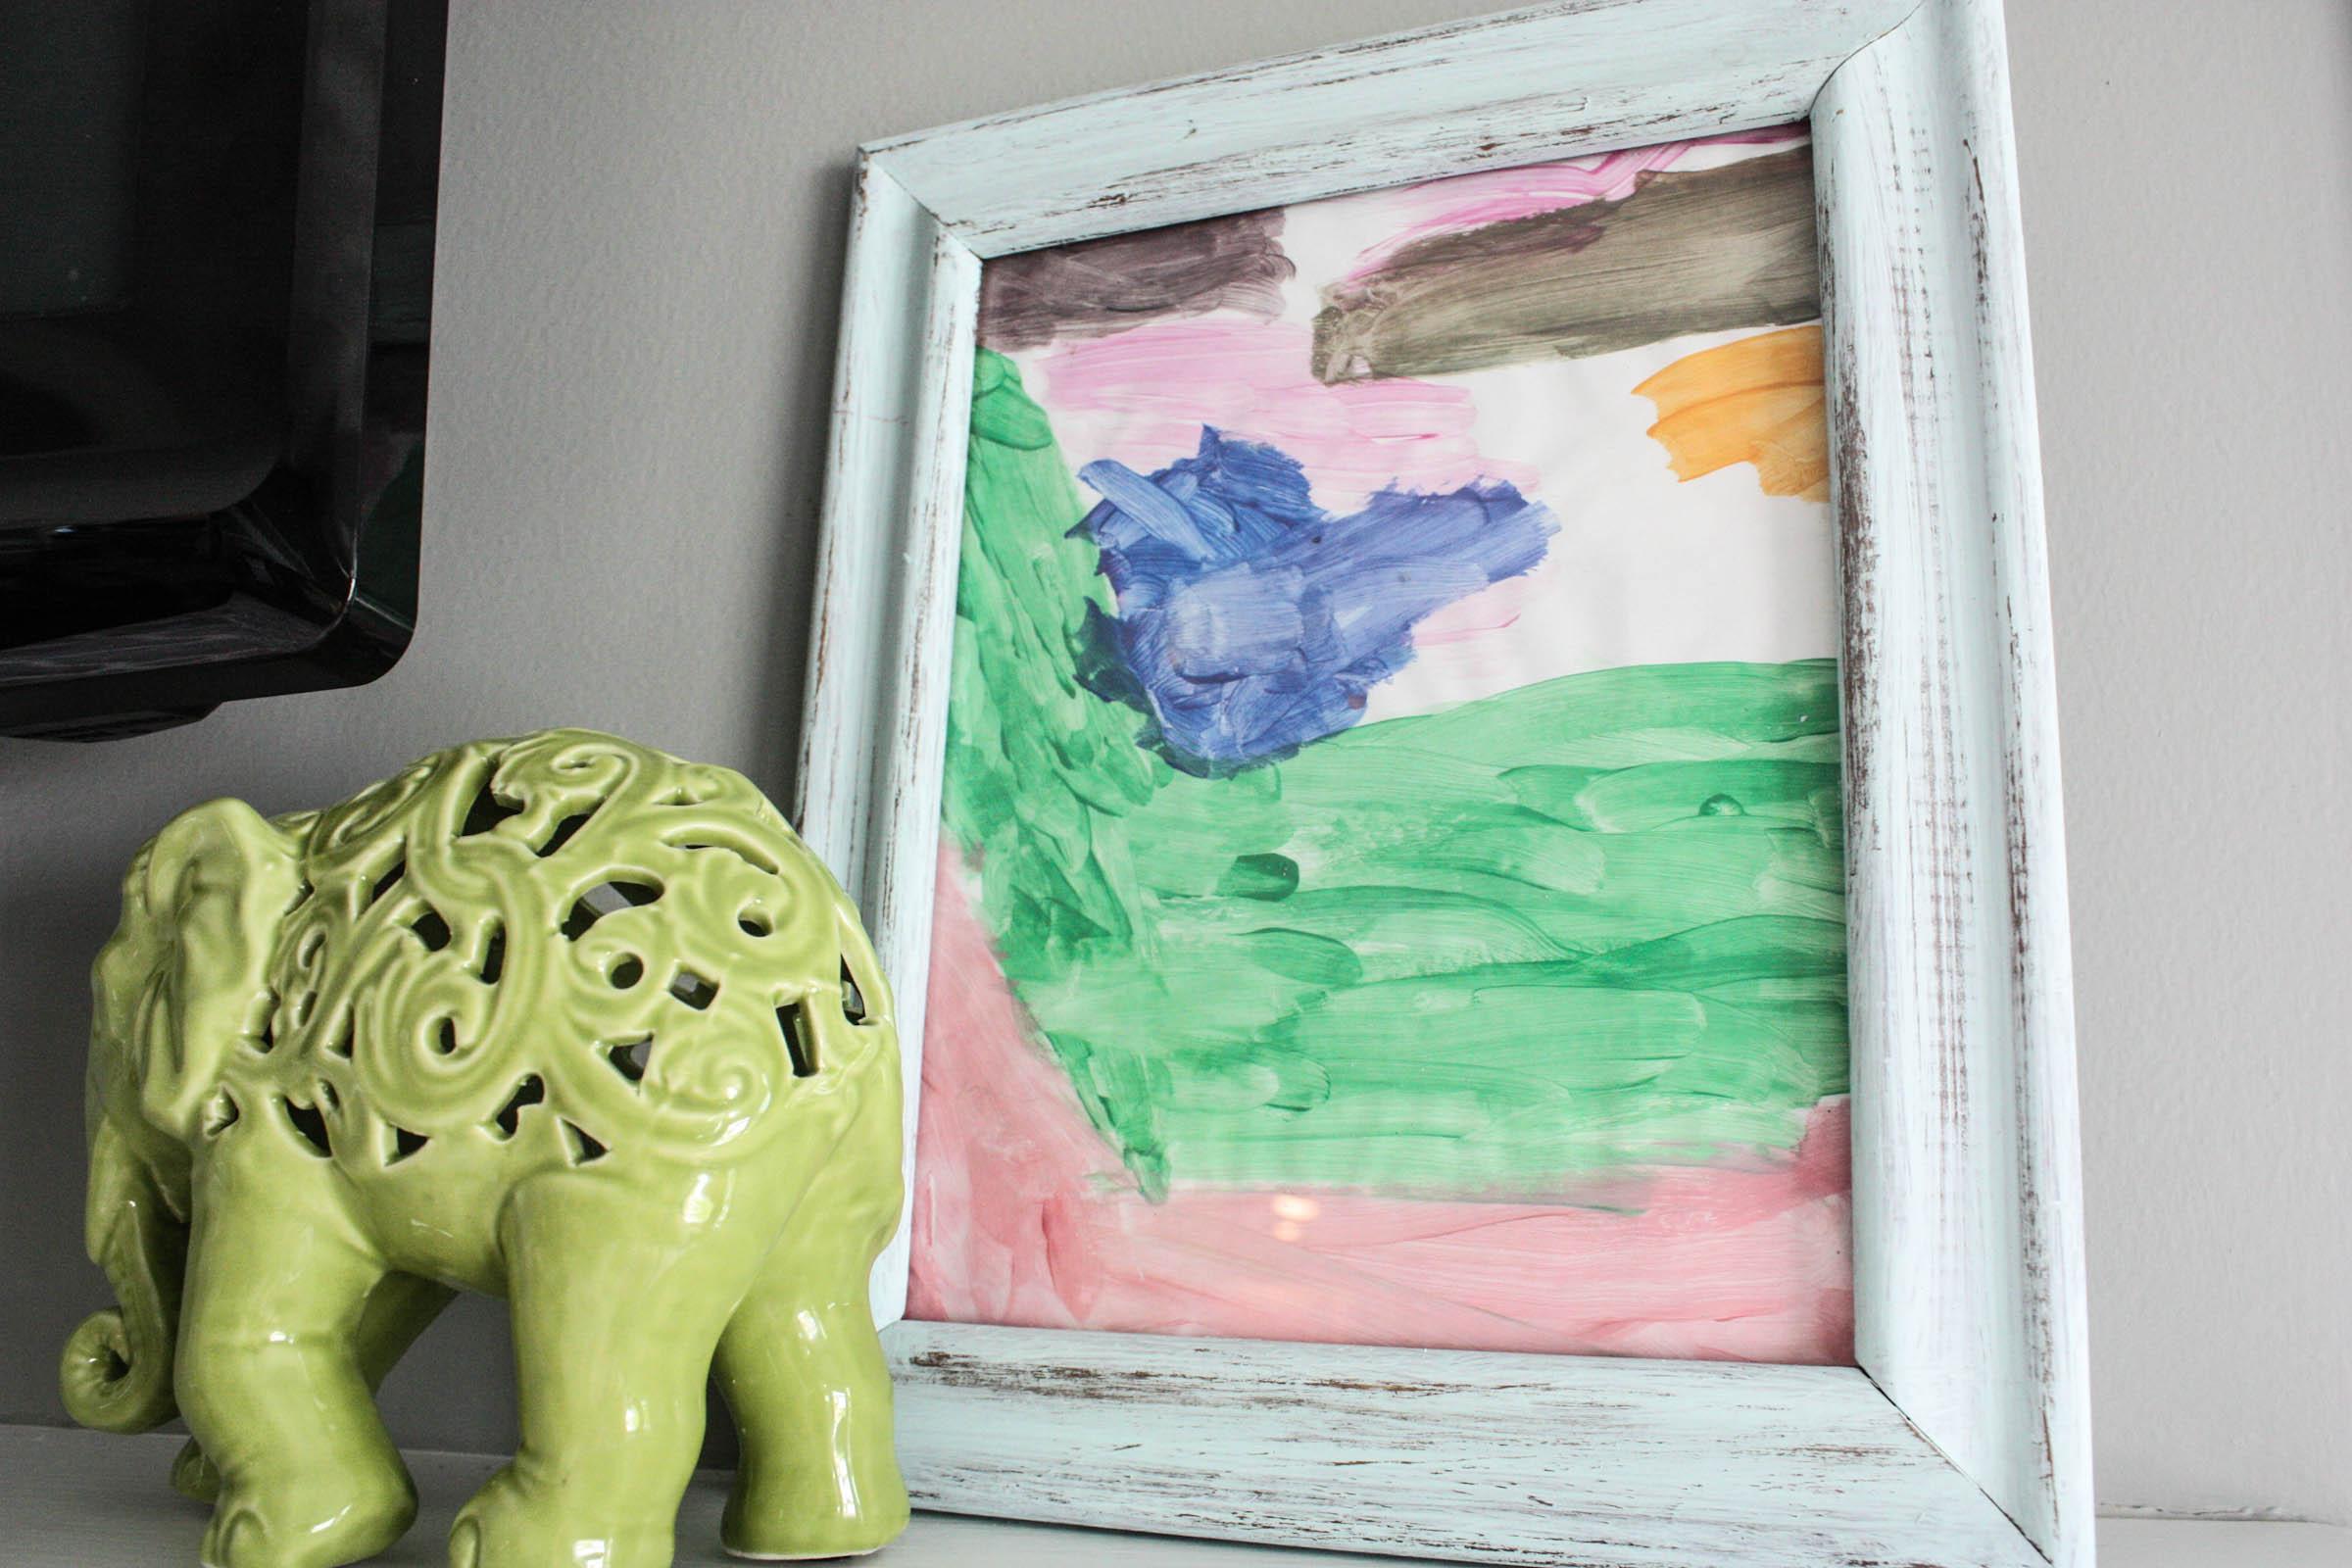 framing children's art work on mantle